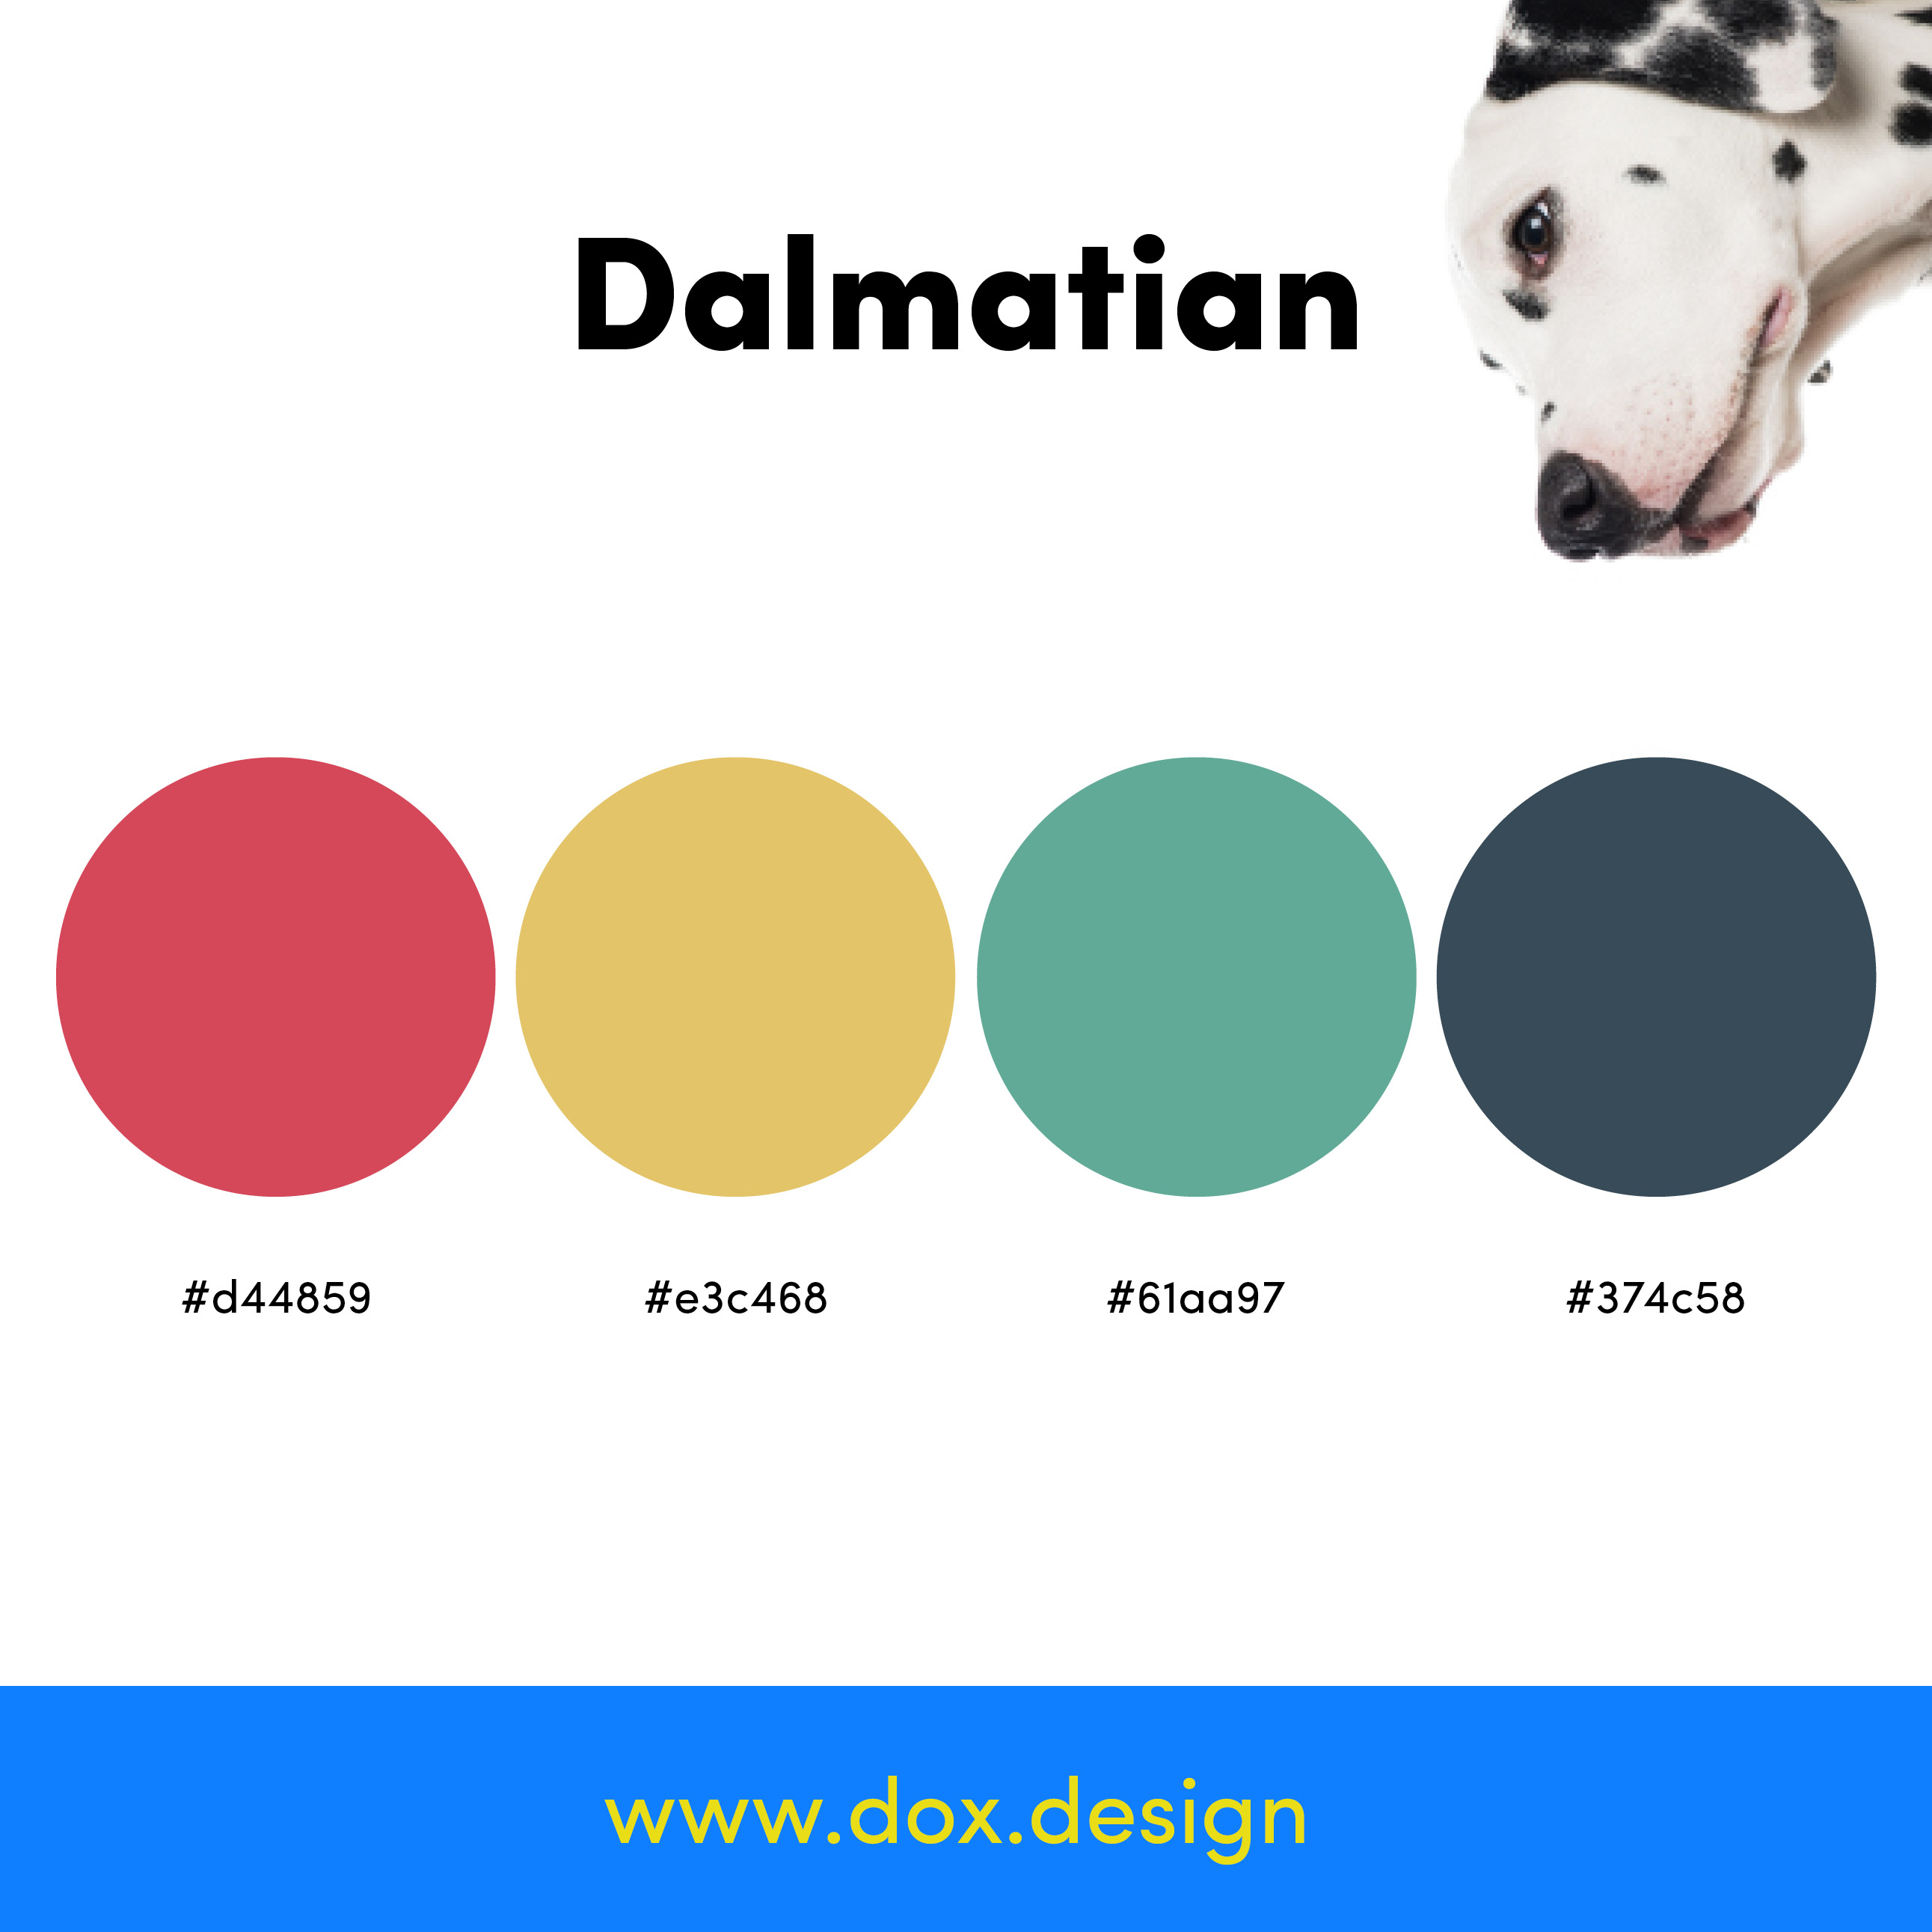 Dalmation color palette